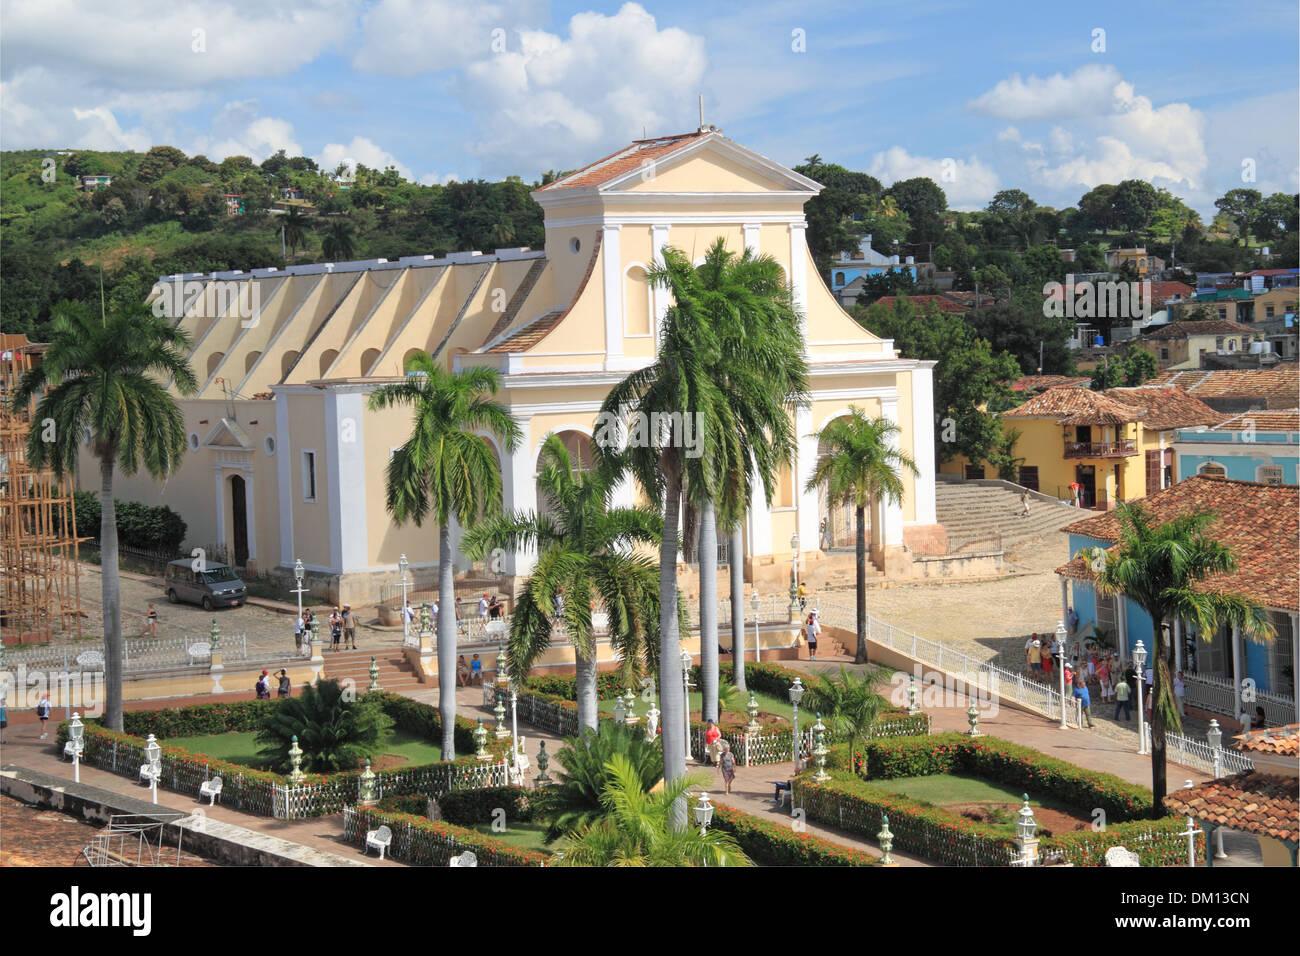 Iglesia Parroquial de la Santísima Trinidad, Plaza Mayor, Trinidad, Sancti Spiritus province, Cuba, Caribbean Sea, Central America - Stock Image